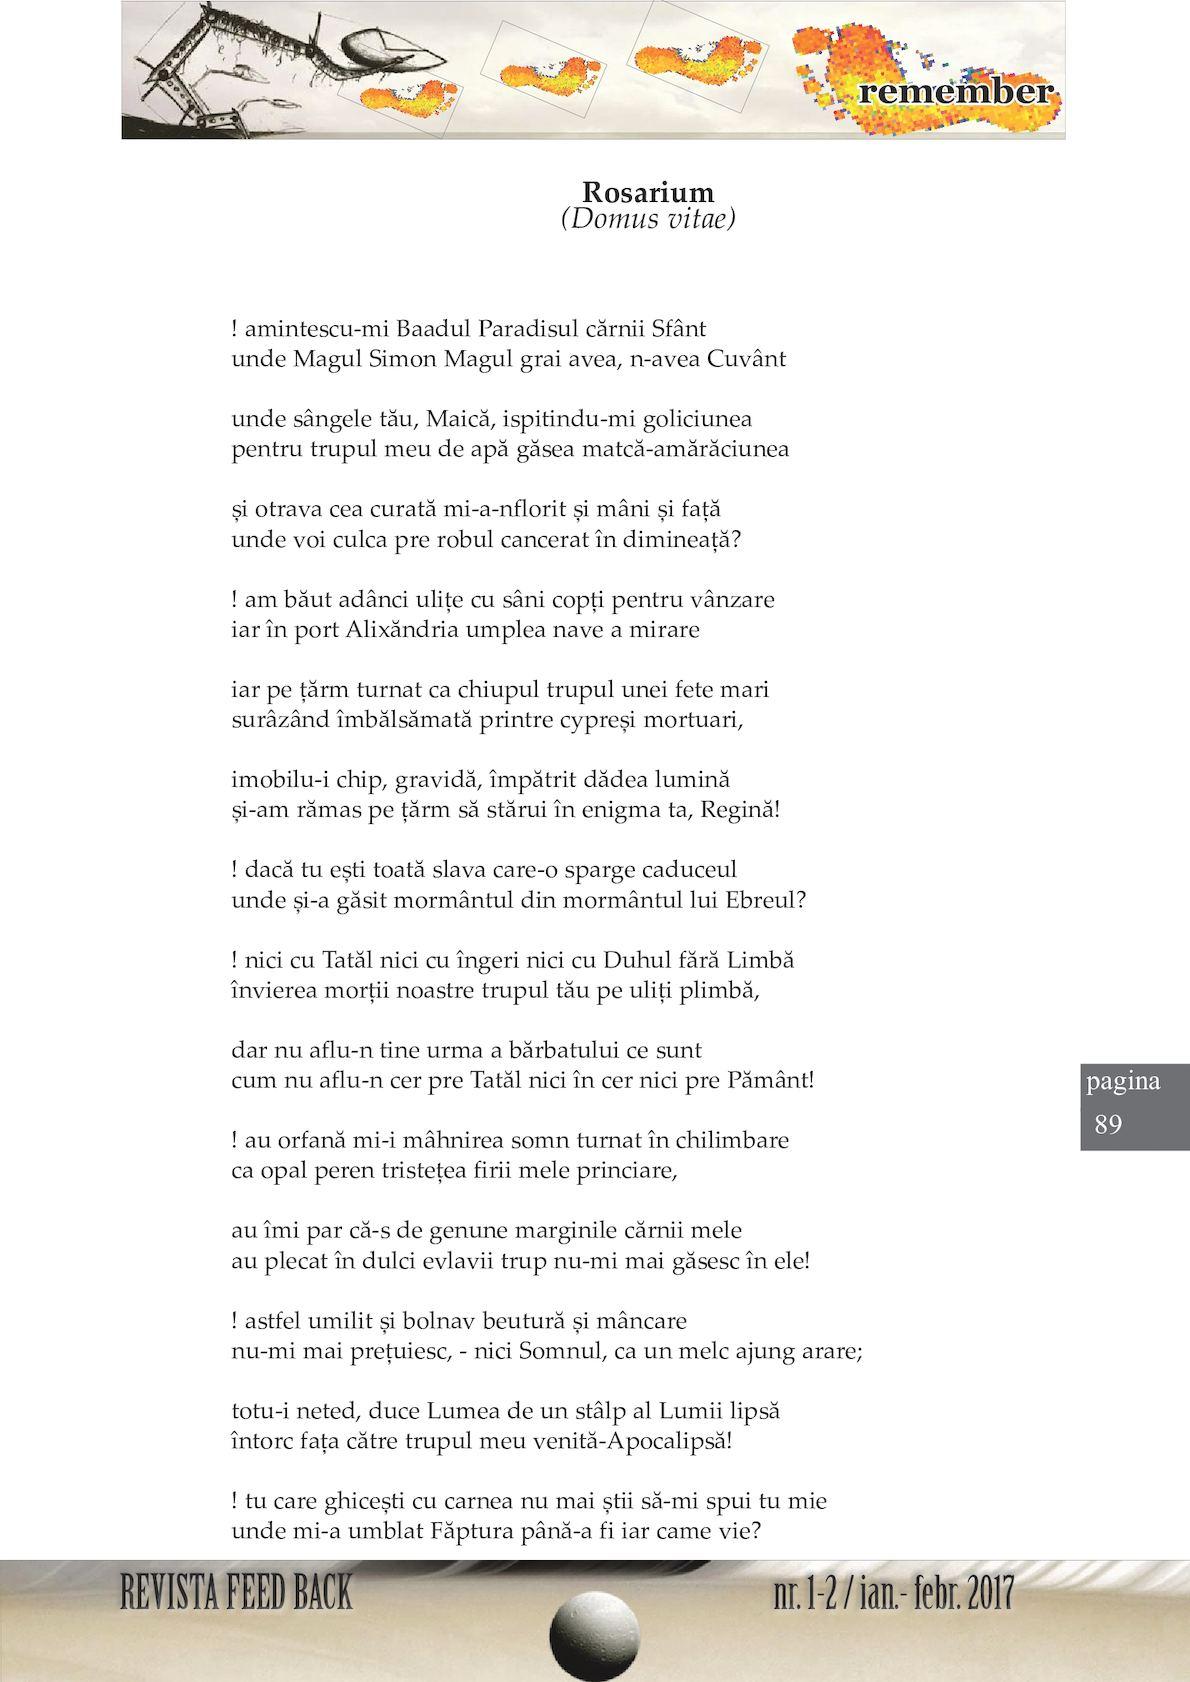 Femeie care cauta un singur om cu adresa Google+)